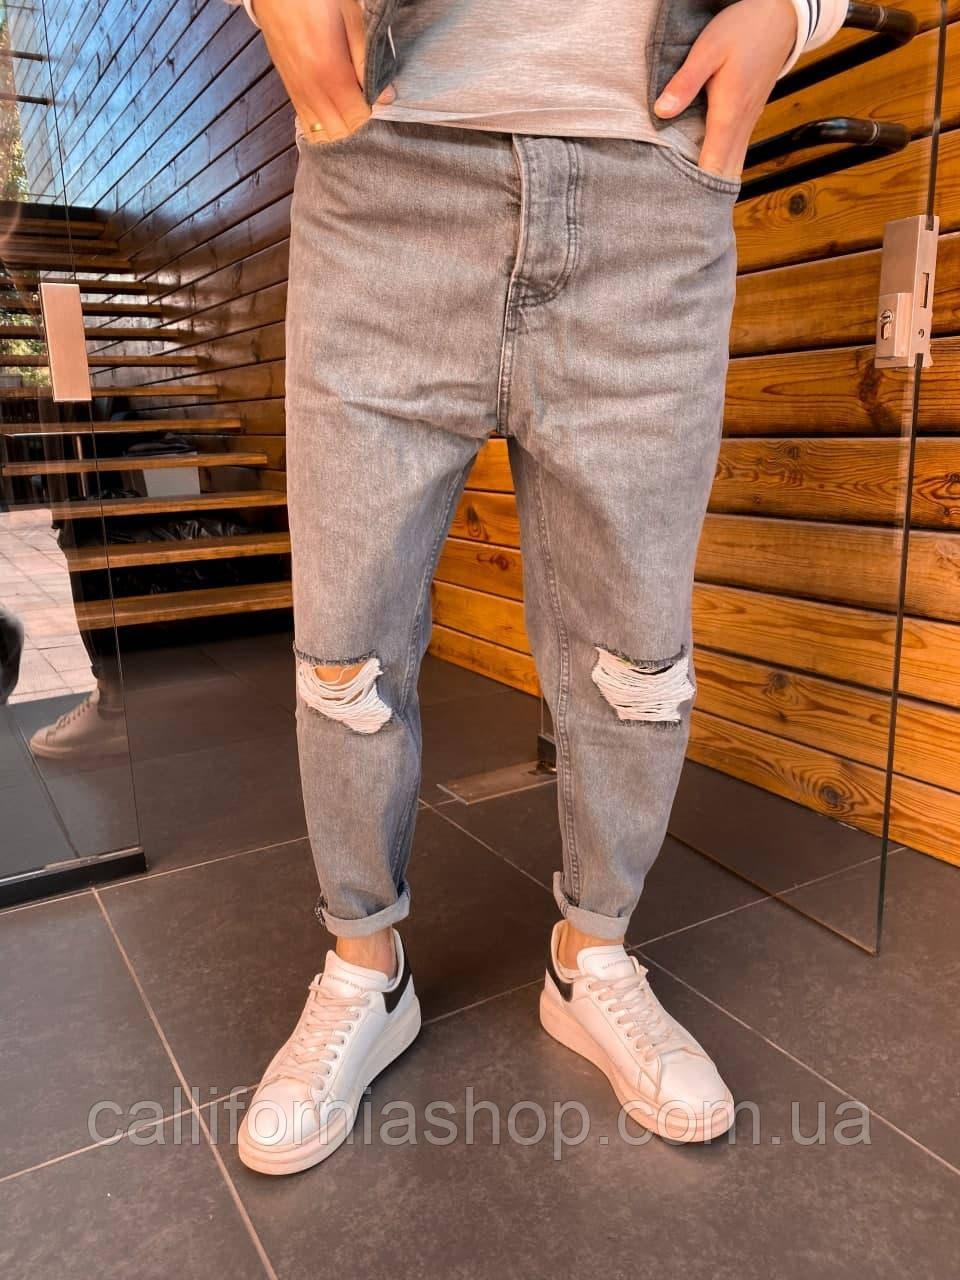 Чоловічі сірі джинси мом вільного крою